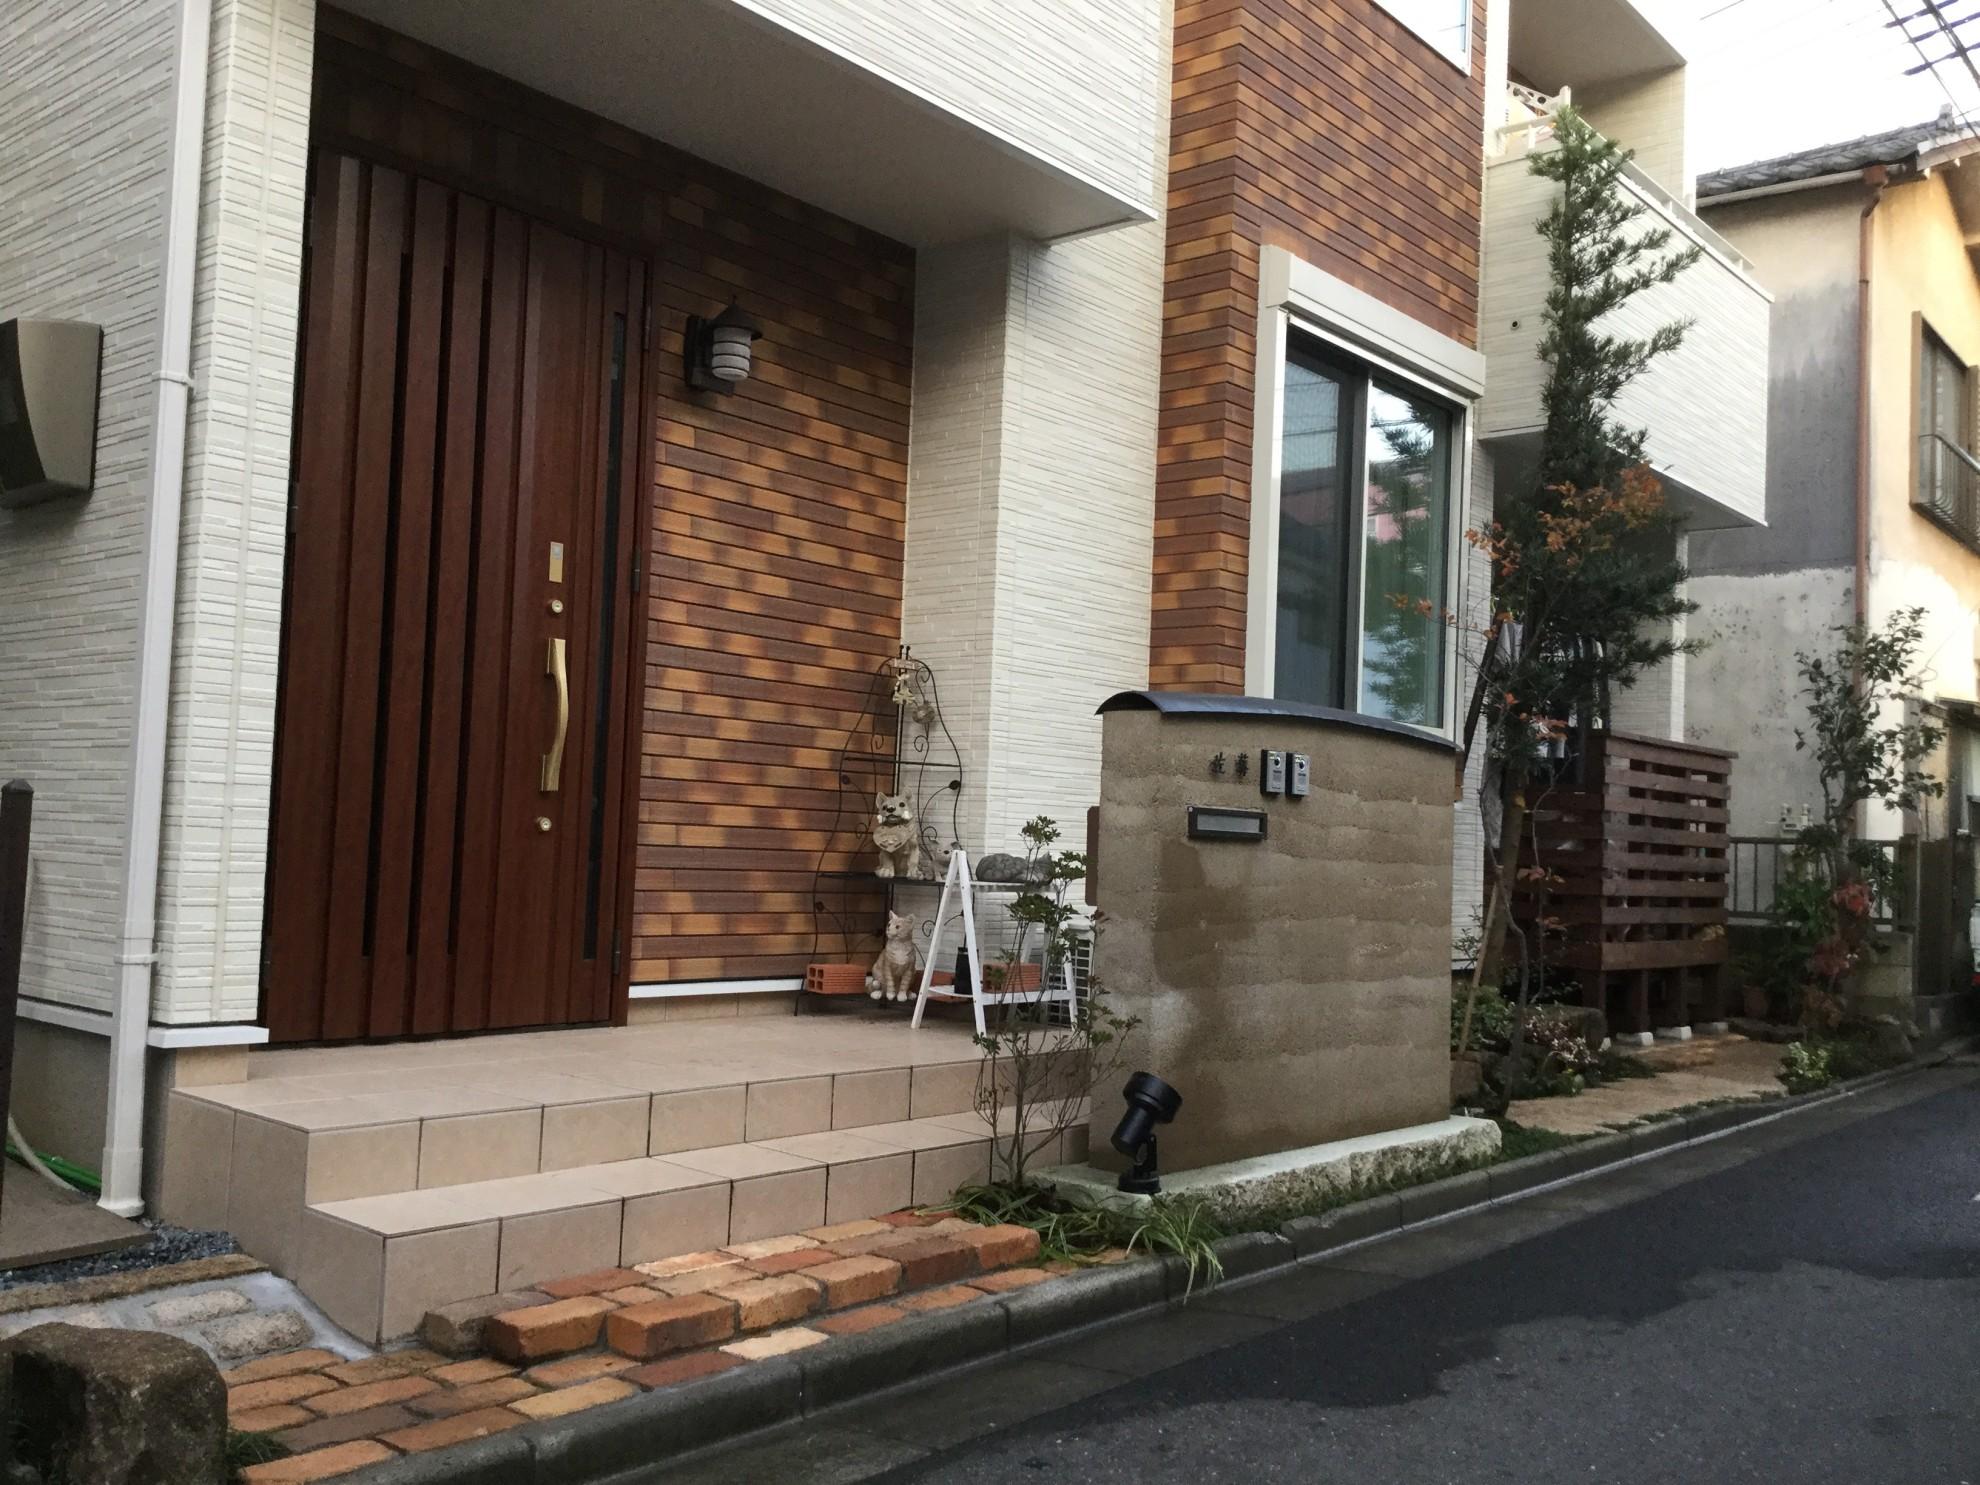 版築塀とアイアン屋根の門柱の庭 埼玉県(三芳町)-1